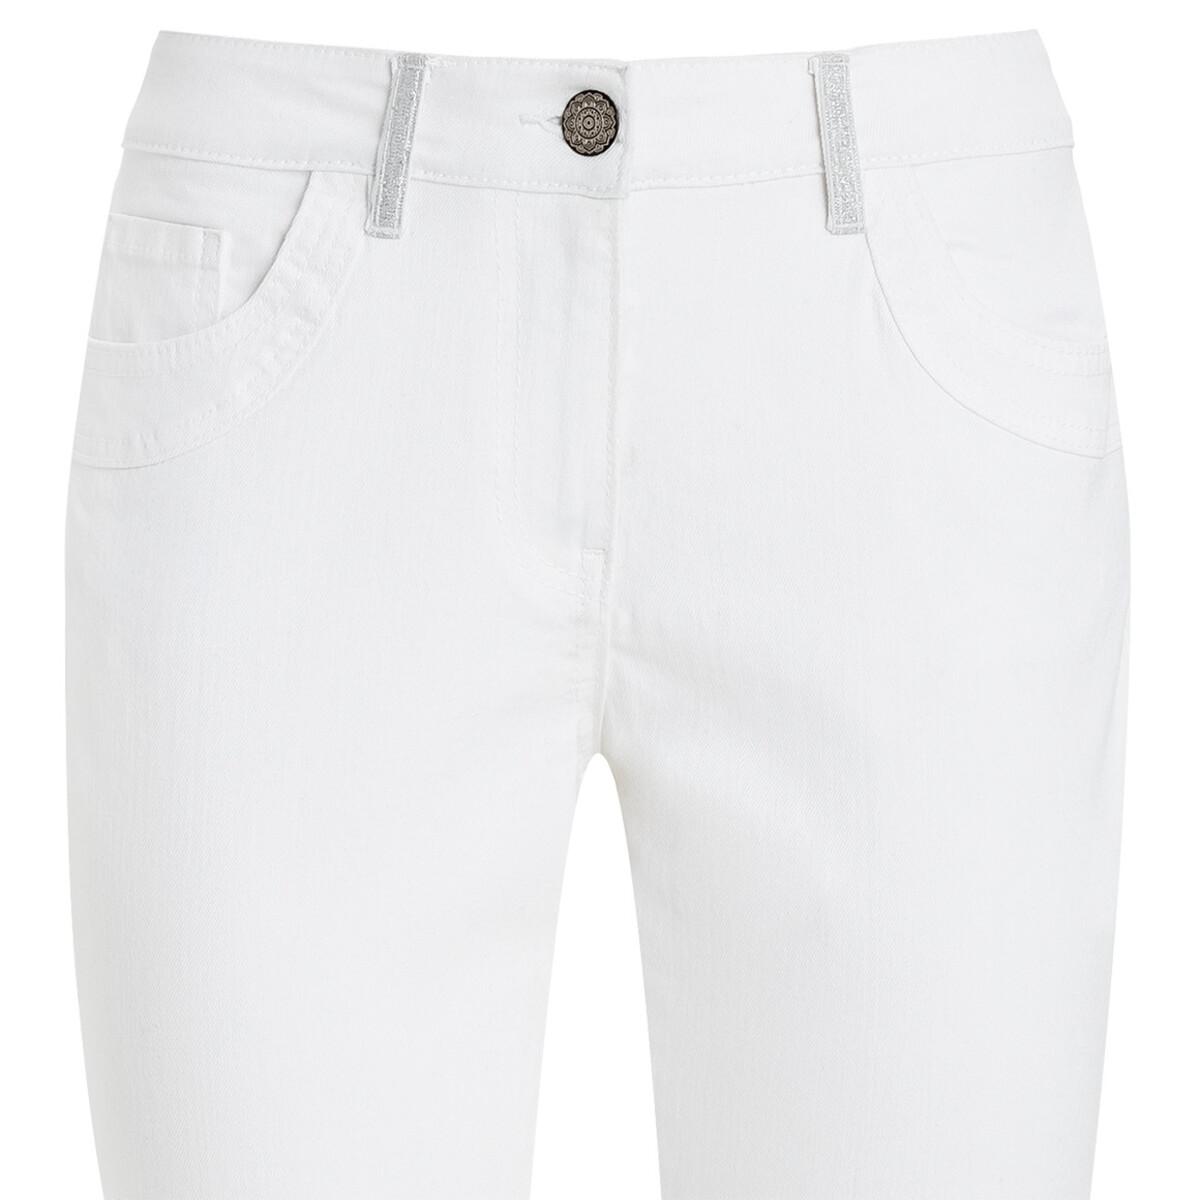 Bild 3 von 7/8 Damen Slim-Jeans mit Glitzerdetails